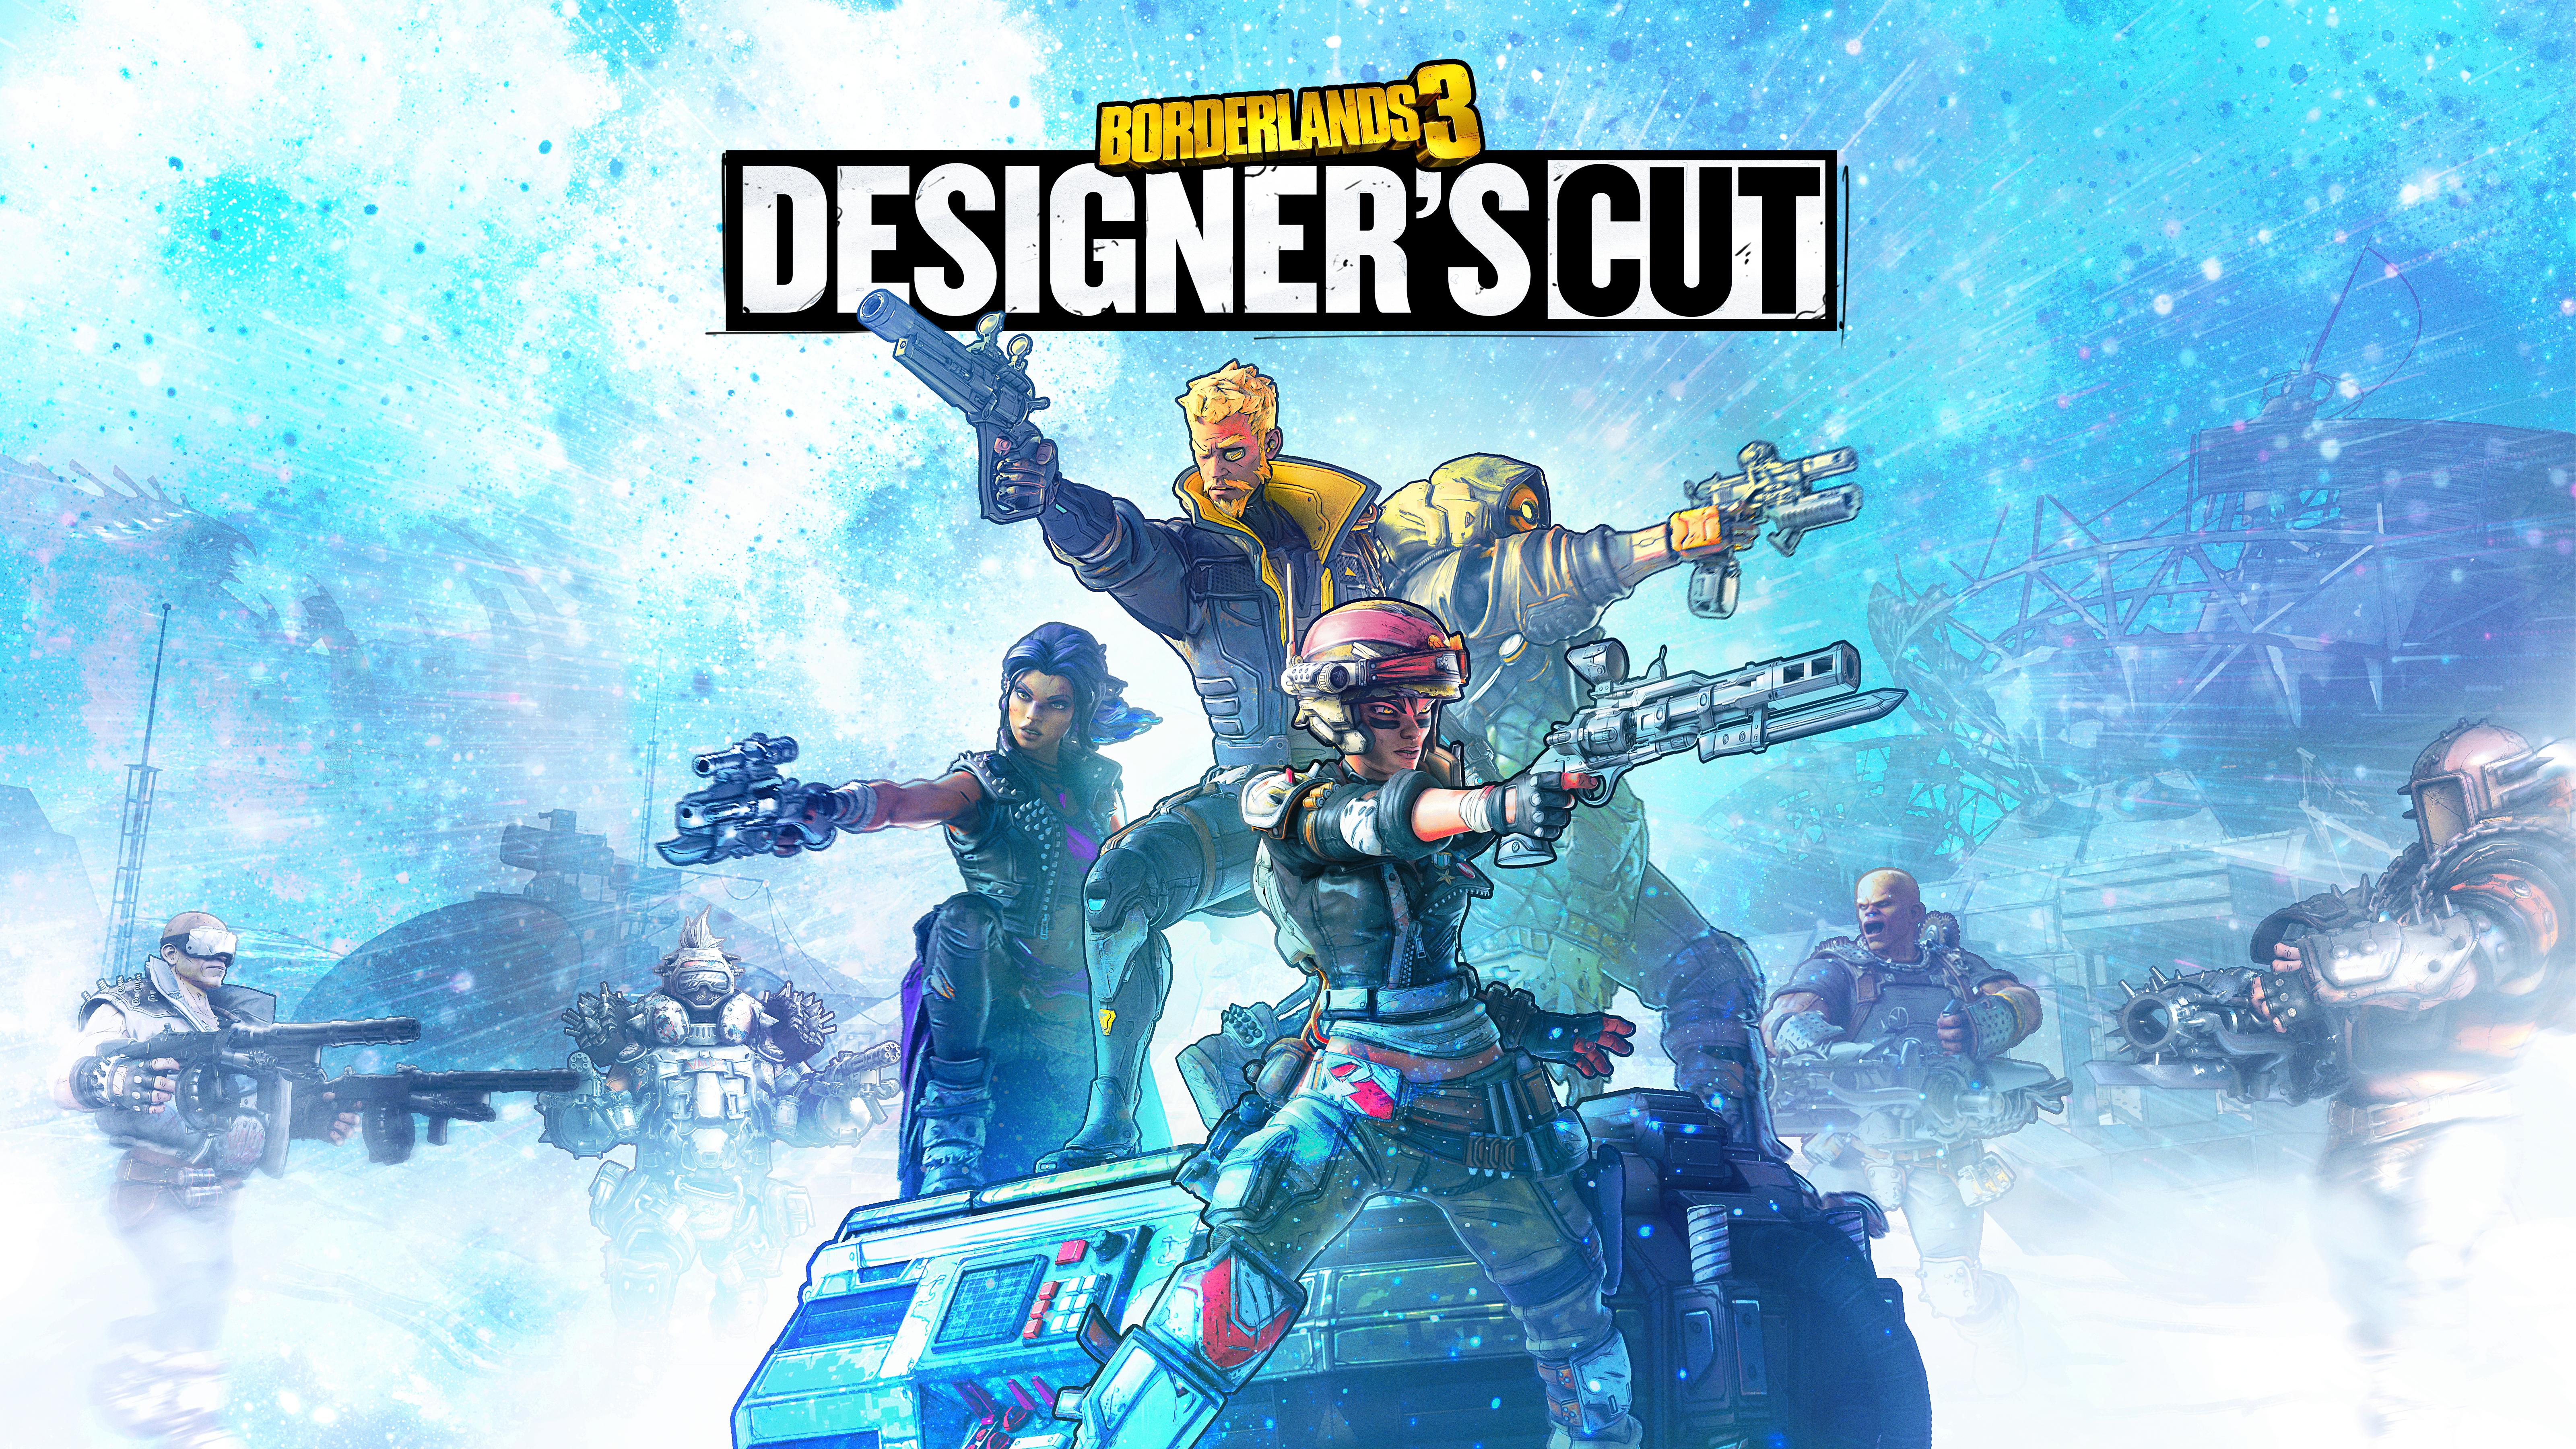 Designer's Cut